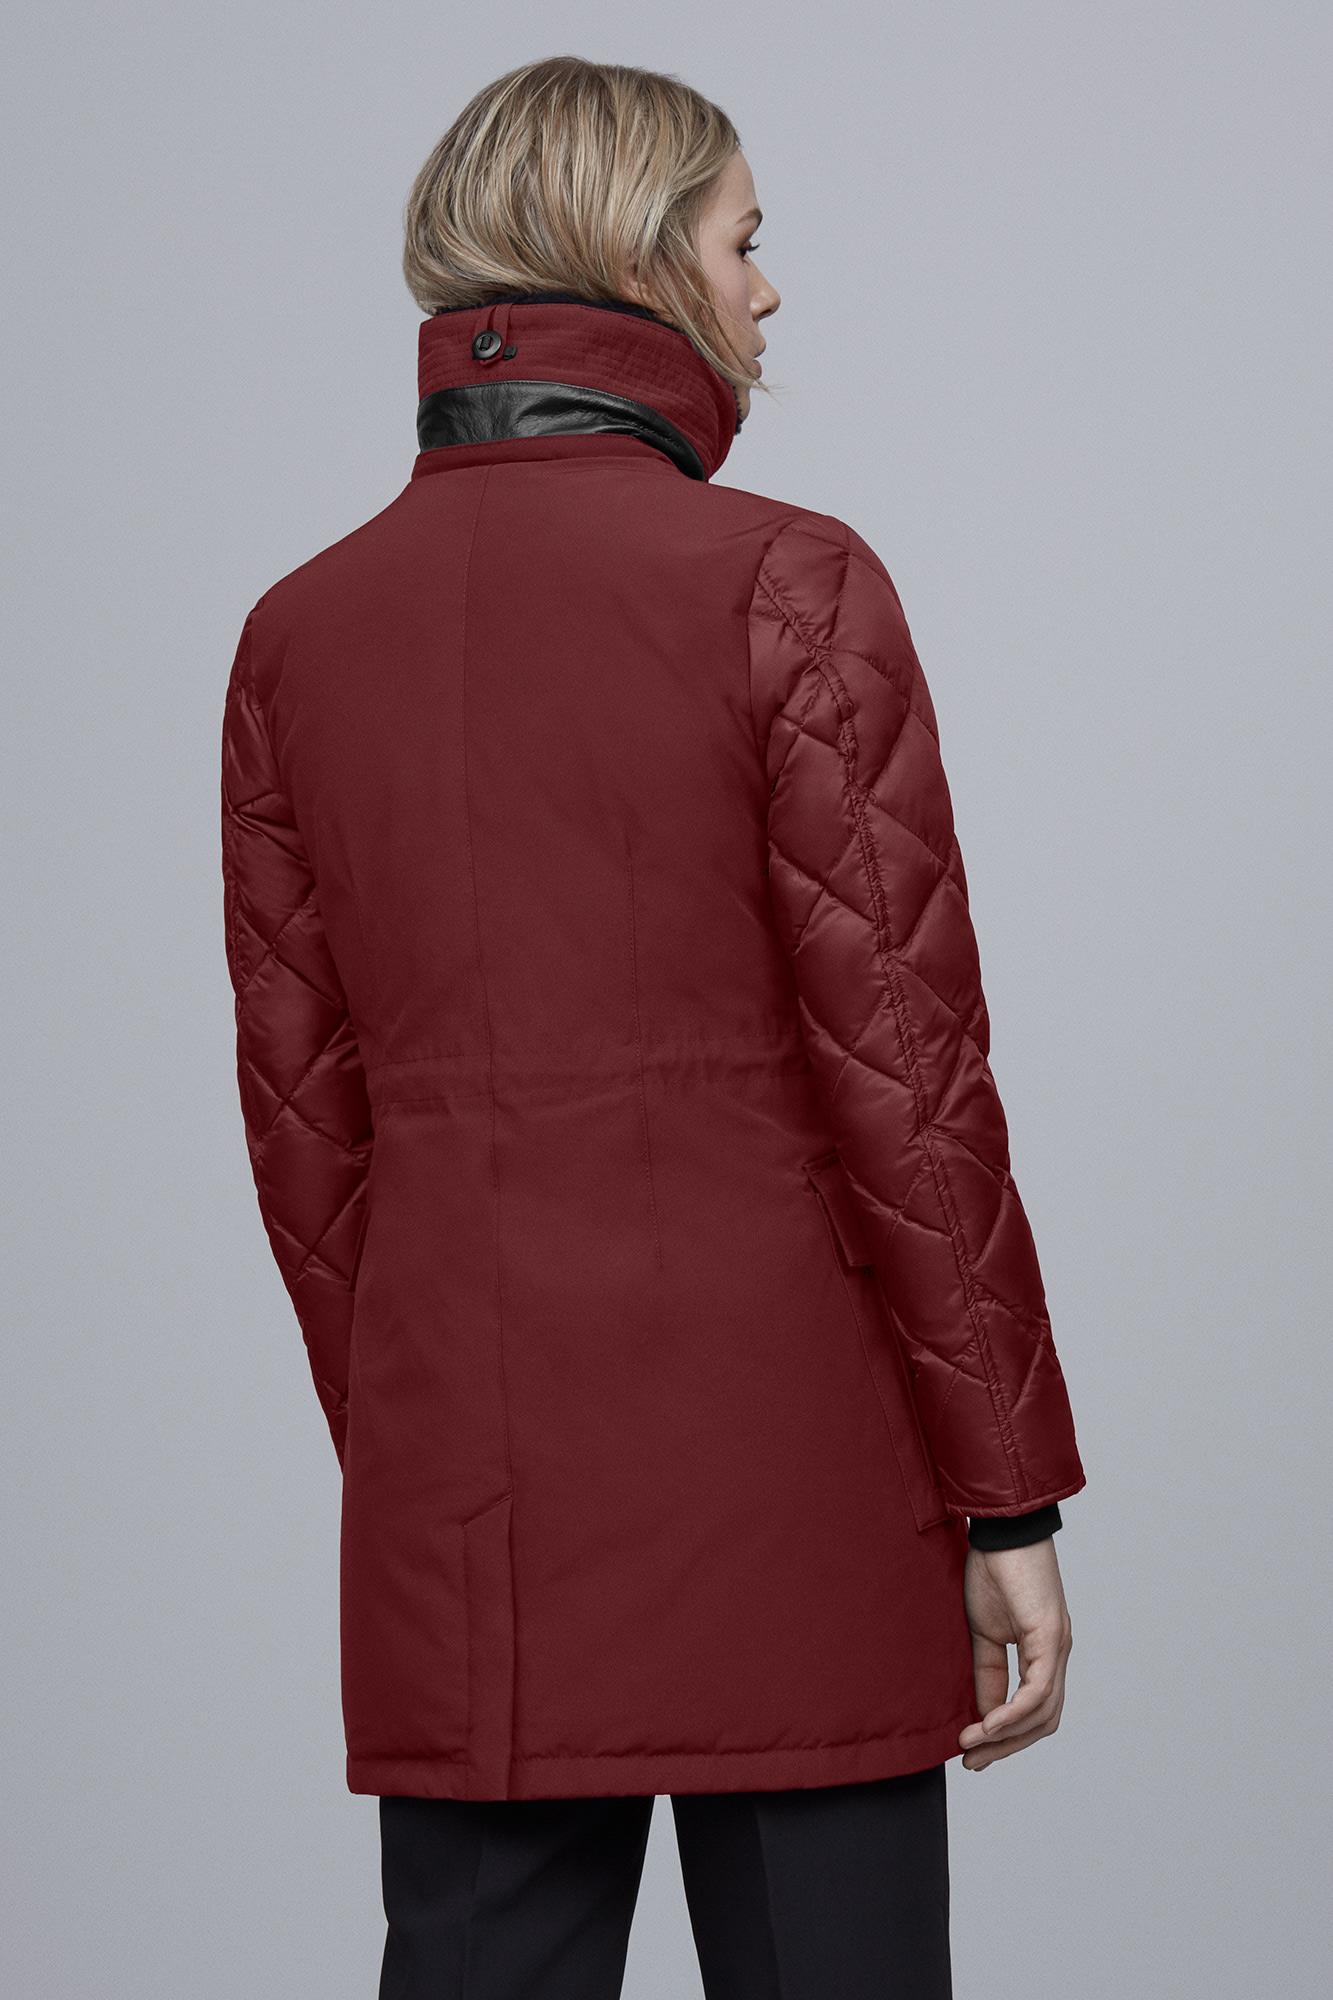 245d61c85e7 Women's Elwin Parka Black Label | Canada Goose®